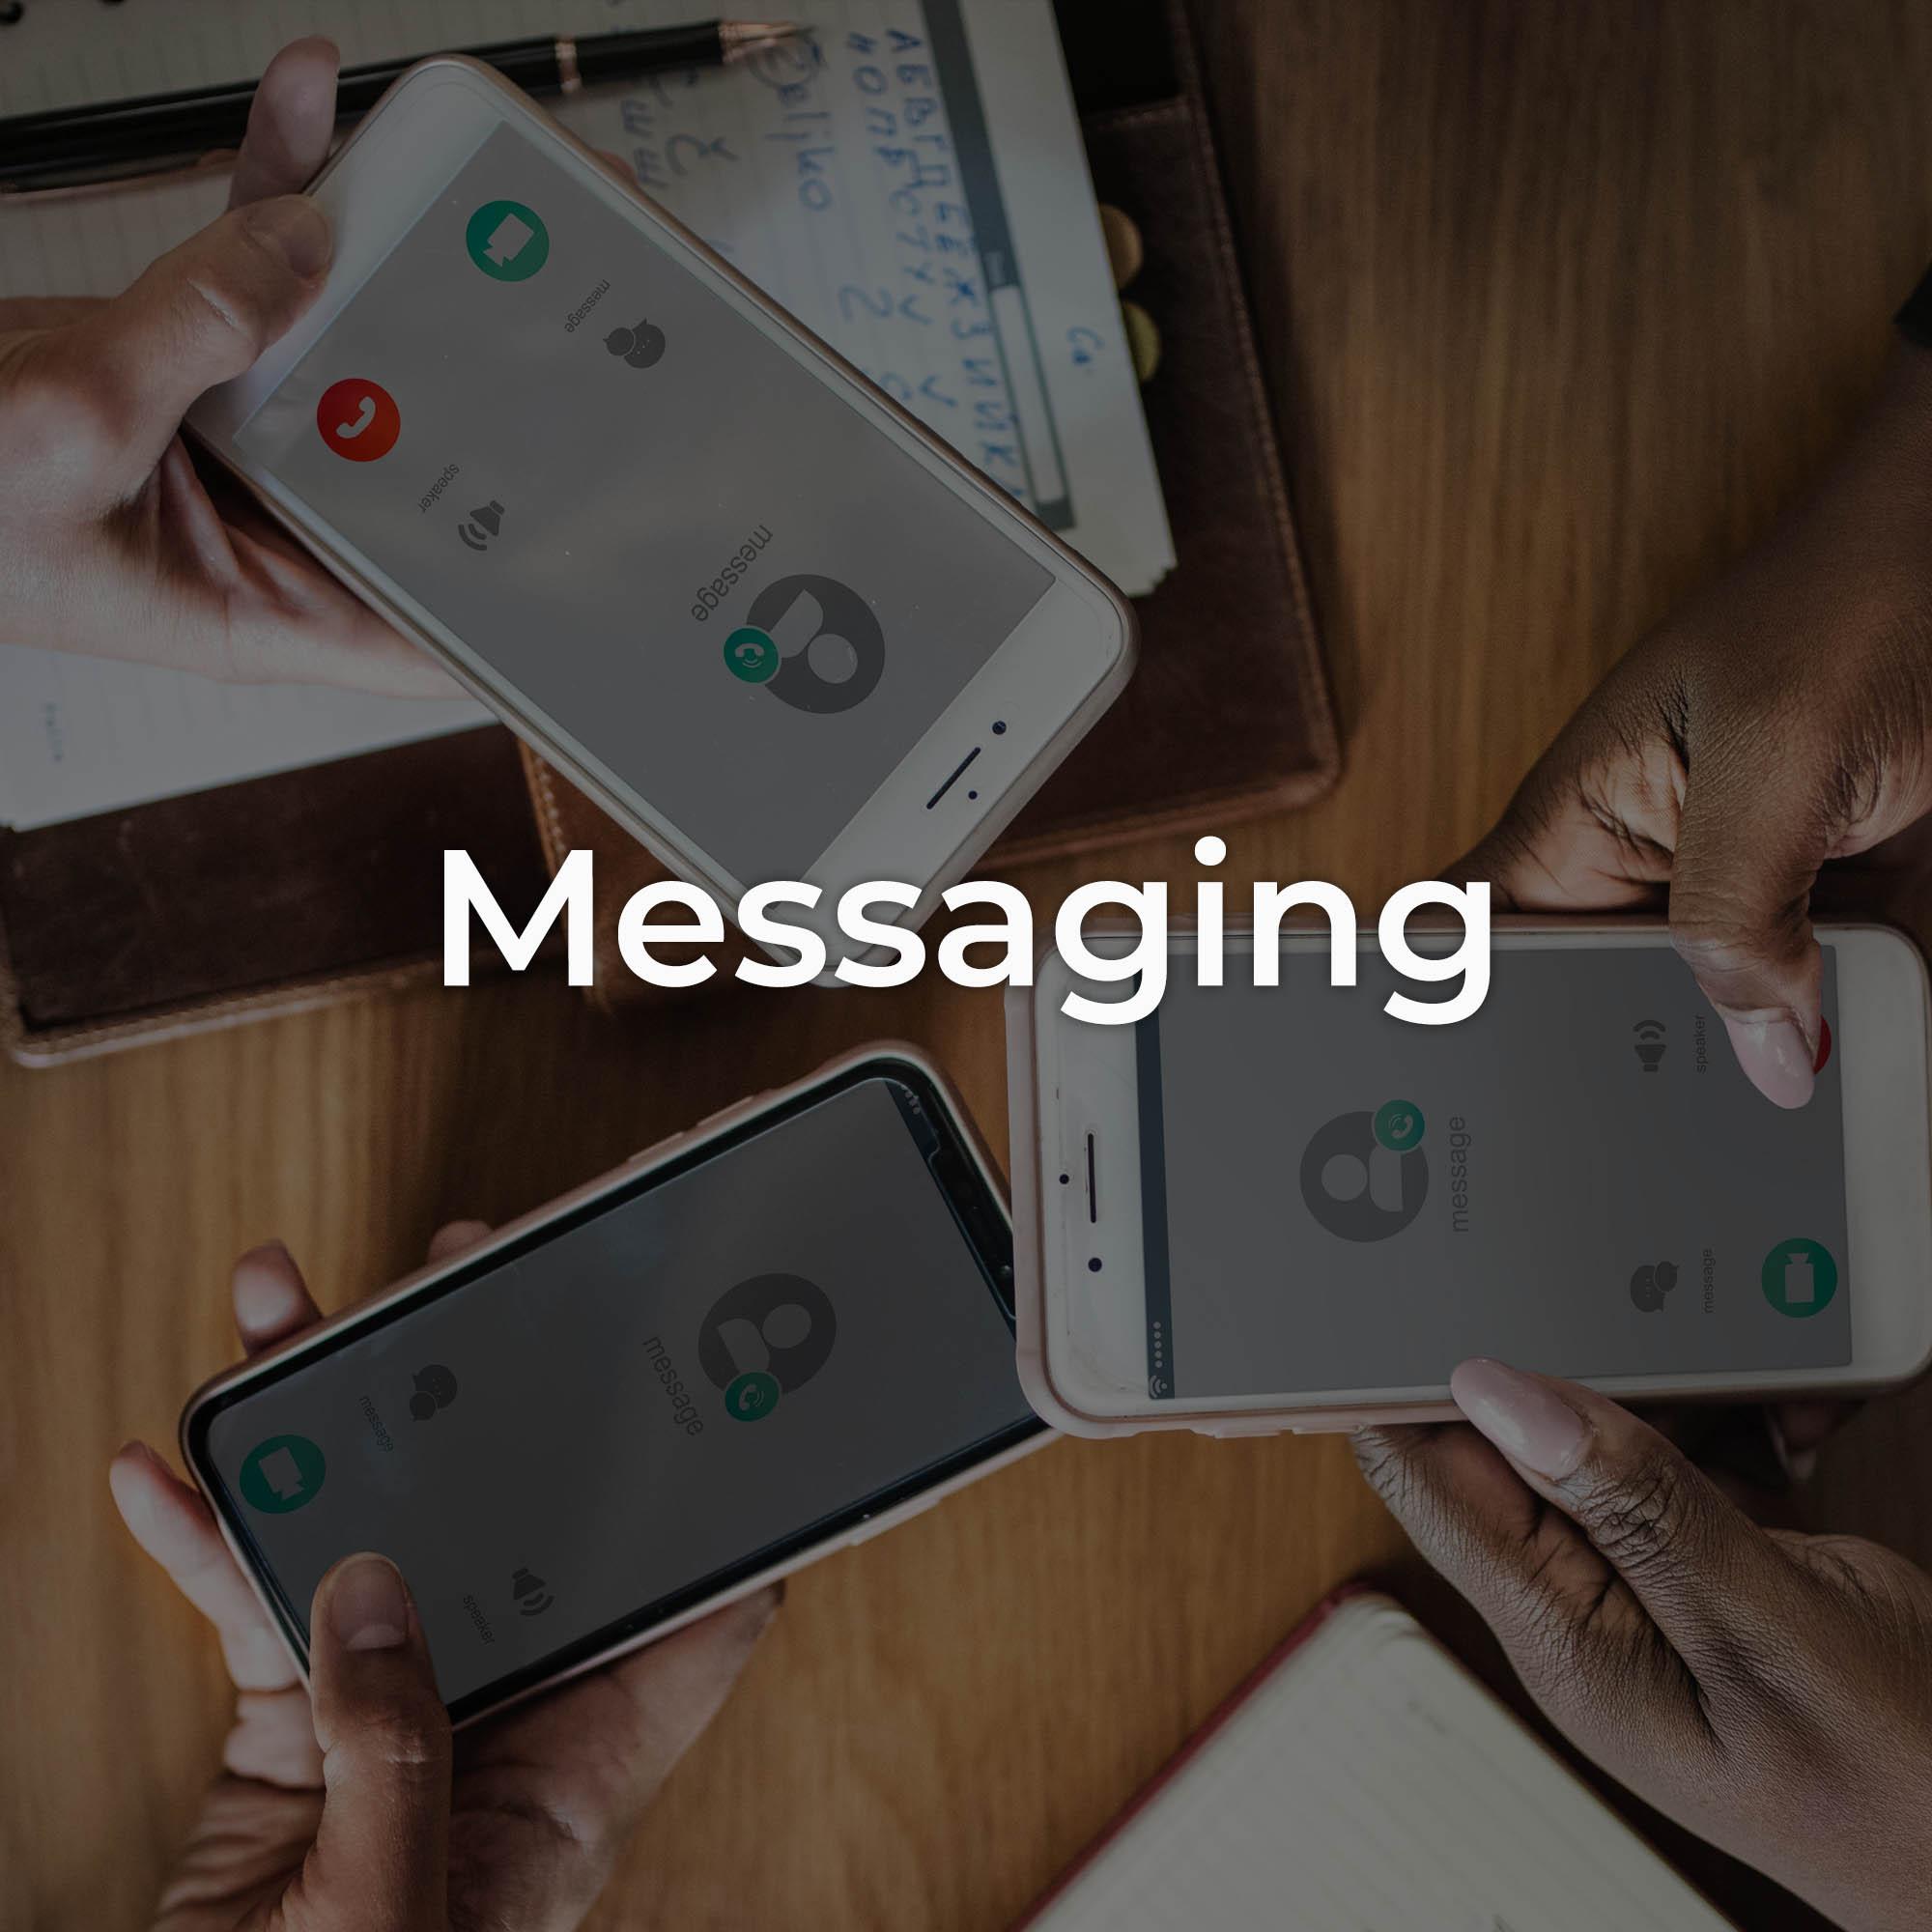 06 messaging.jpg